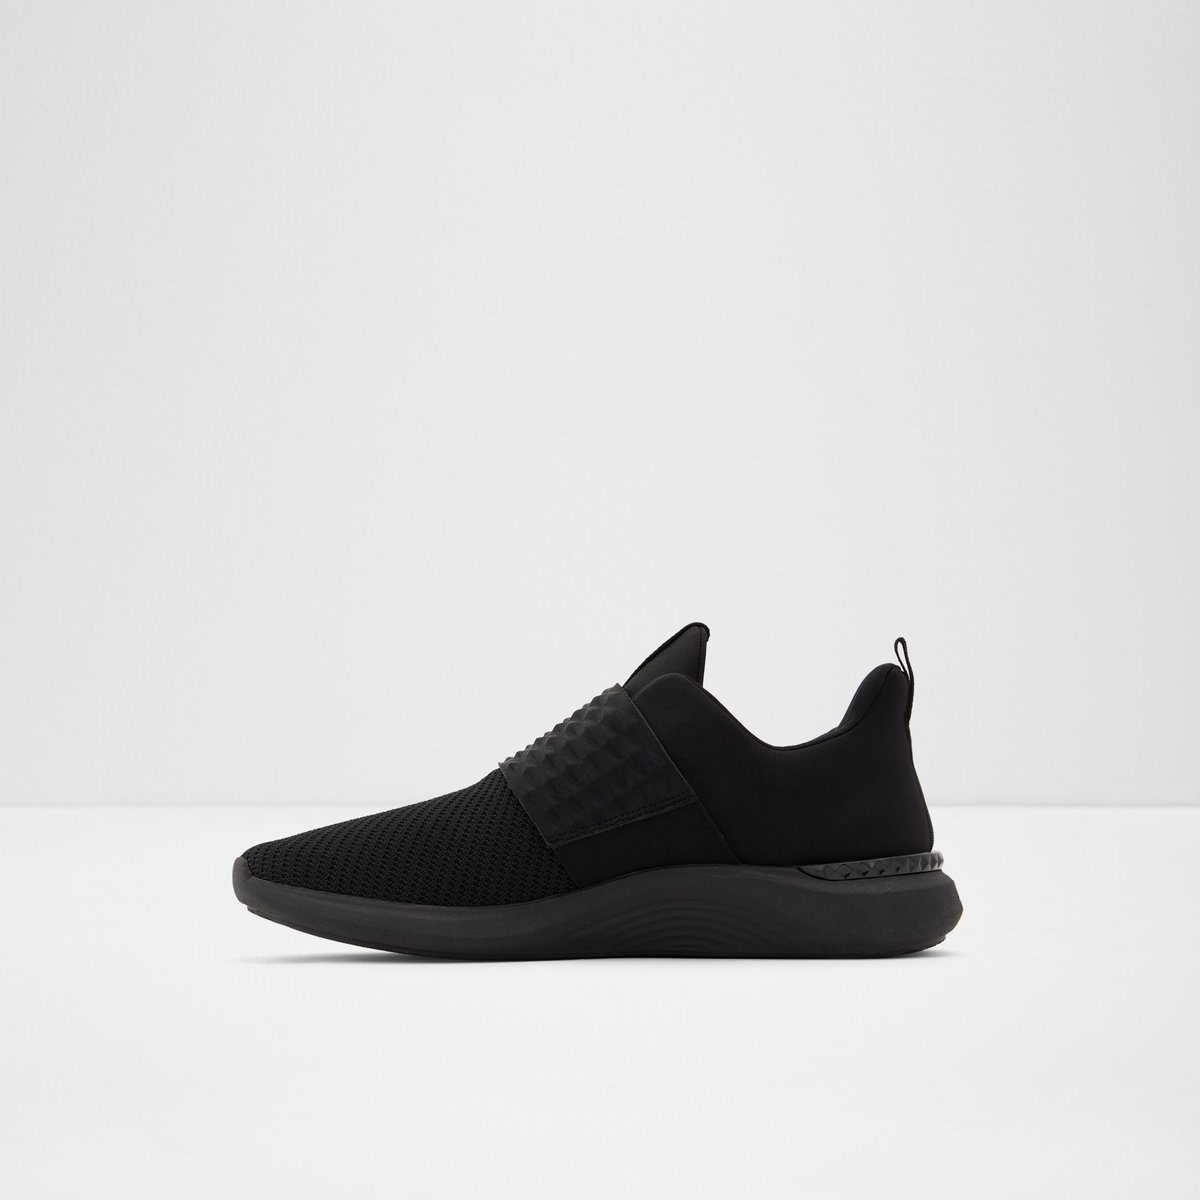 RPPL slip-on sneakers Black Men's